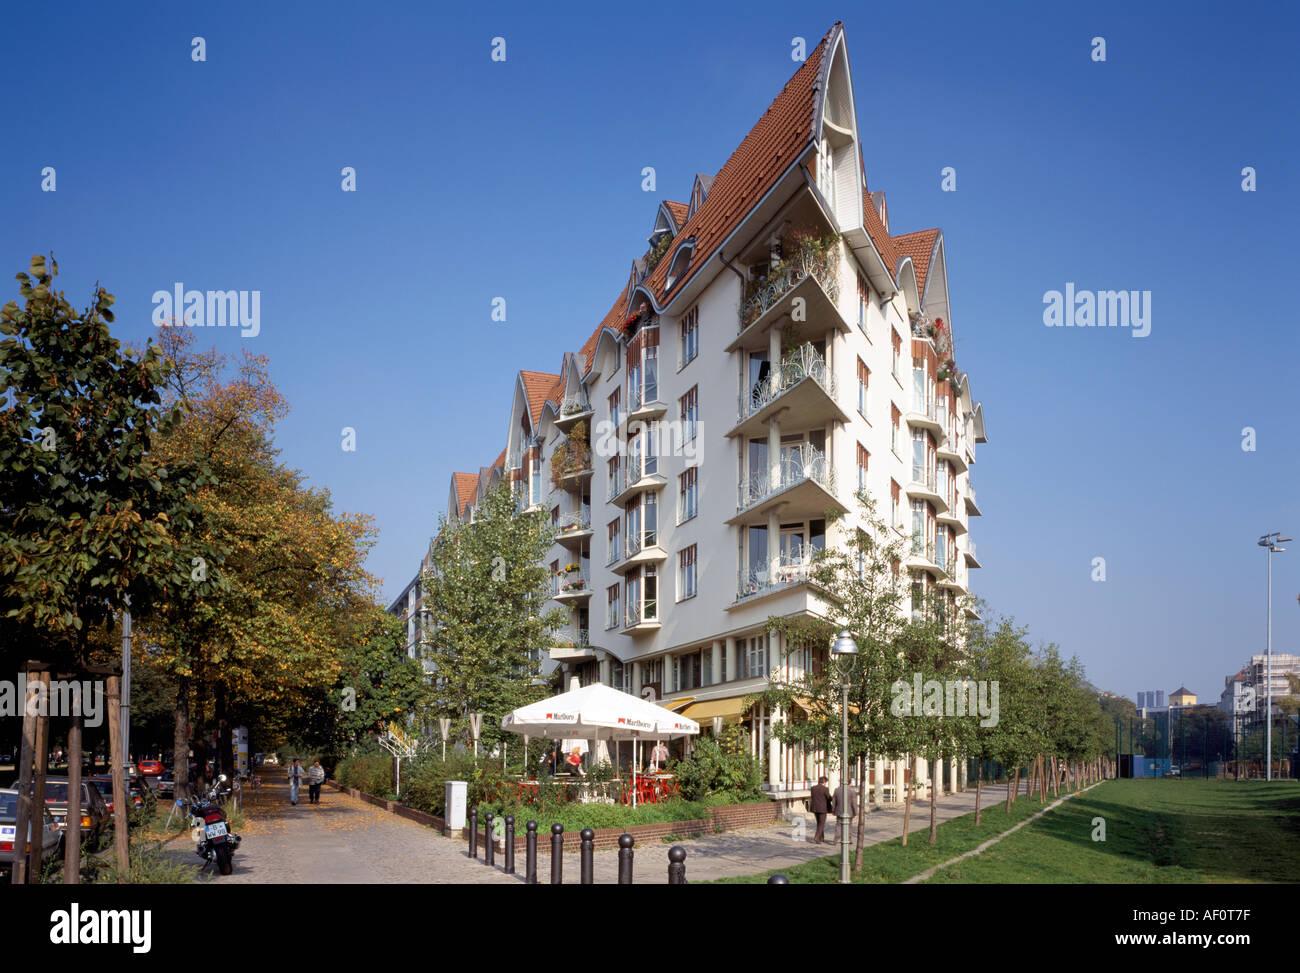 Berlin charlottenburg schlo stra e neue blockbebauung for Familienhaus berlin